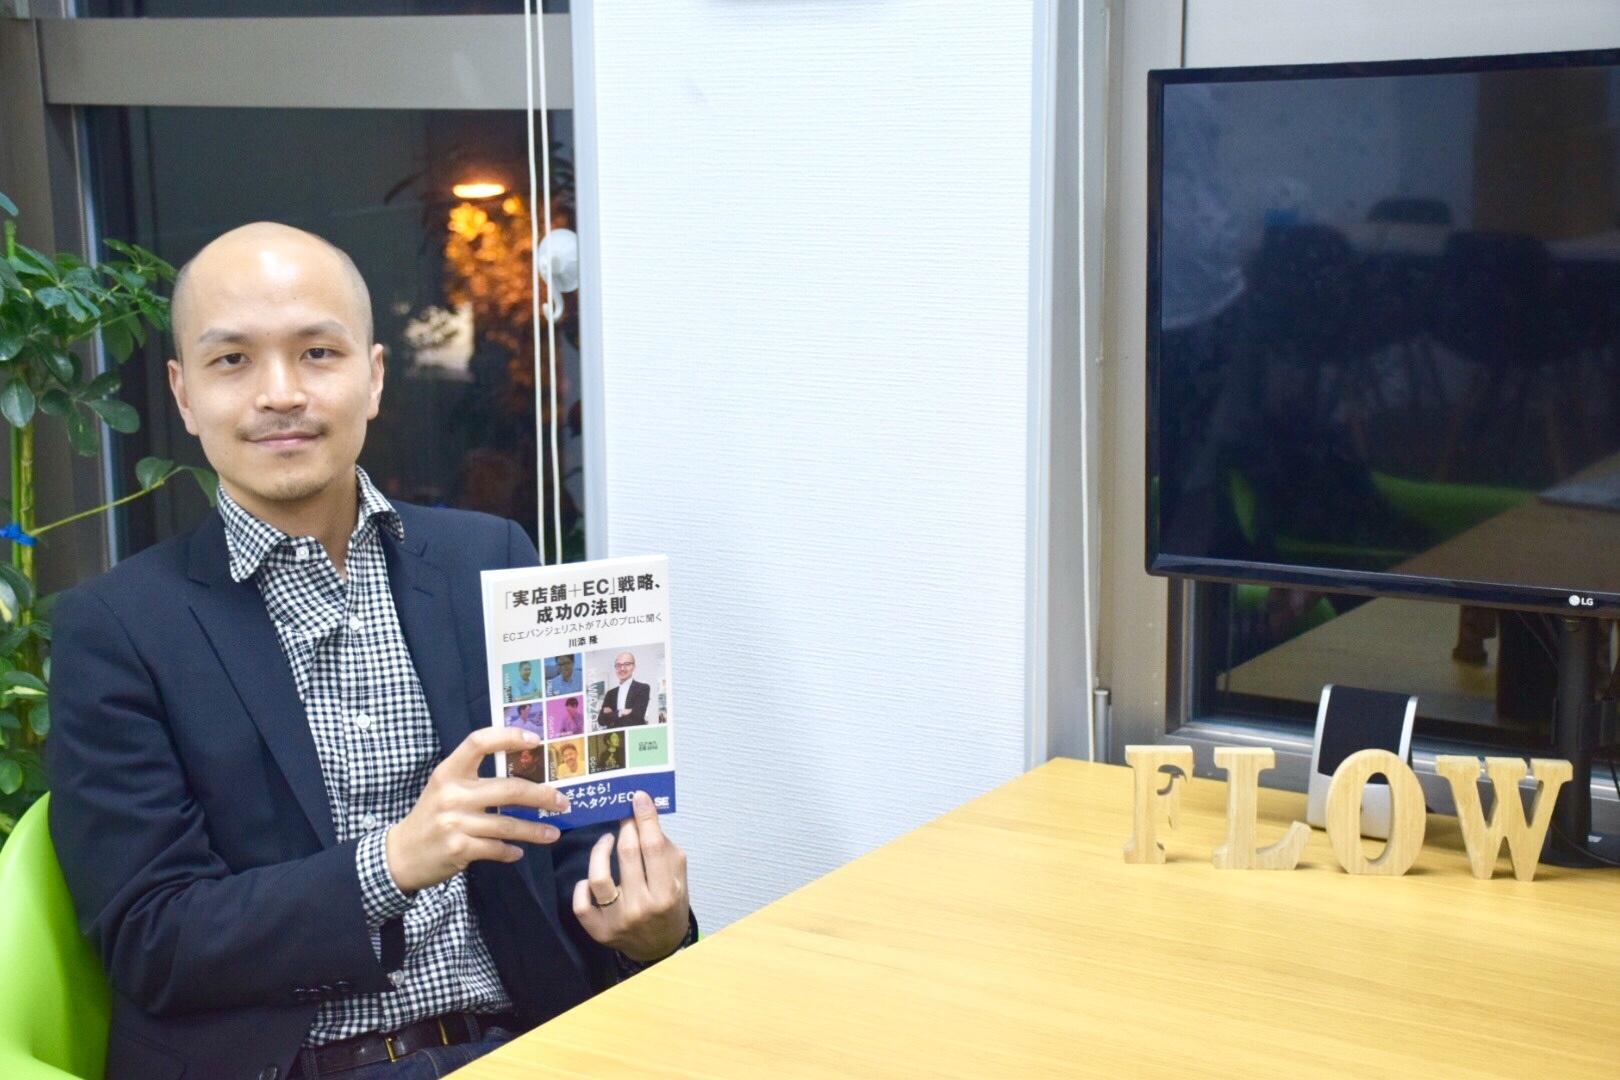 [インタビュー]「実店舗+EC」戦略の川添氏に聞く!「店舗デジタル化の重要性」待望の続編!